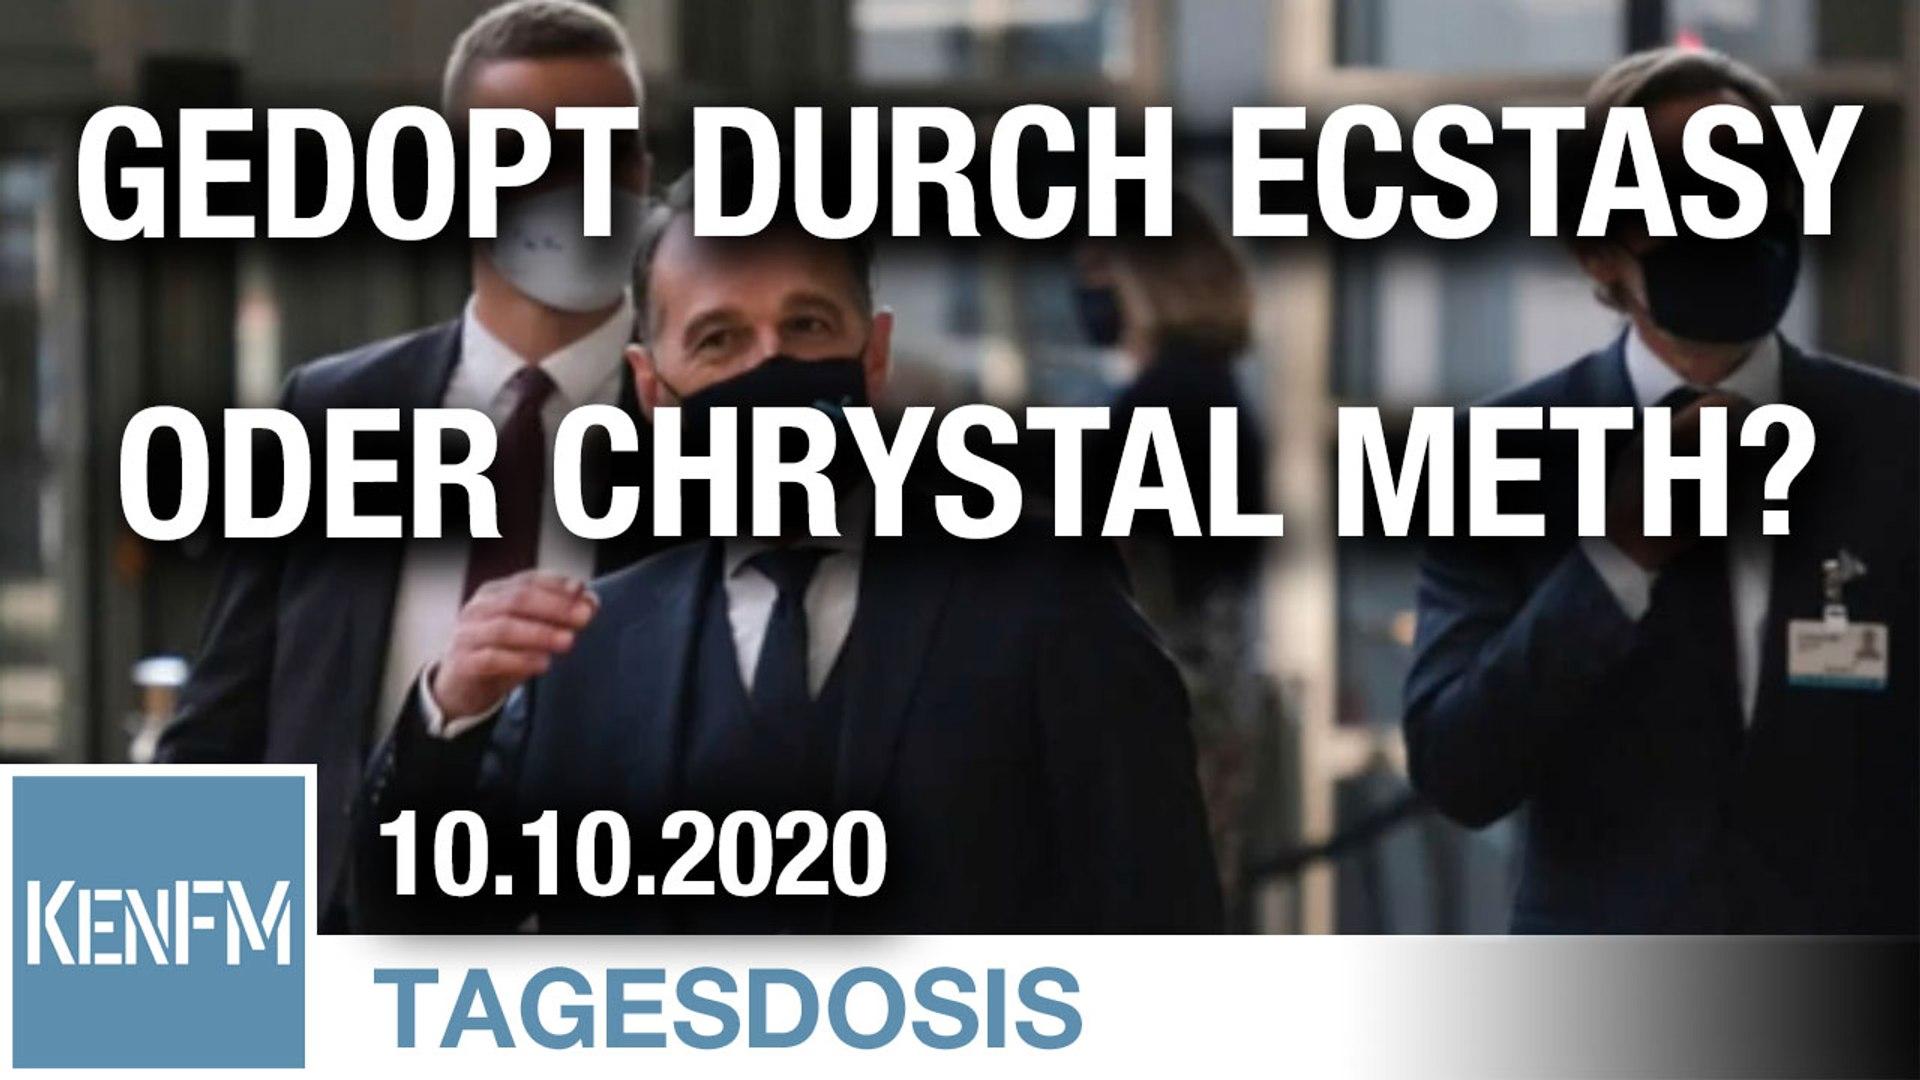 Deutsche Außenpolitik: Gedopt durch Ecstasy oder Chrystal Meth? | Von Hermann Ploppa